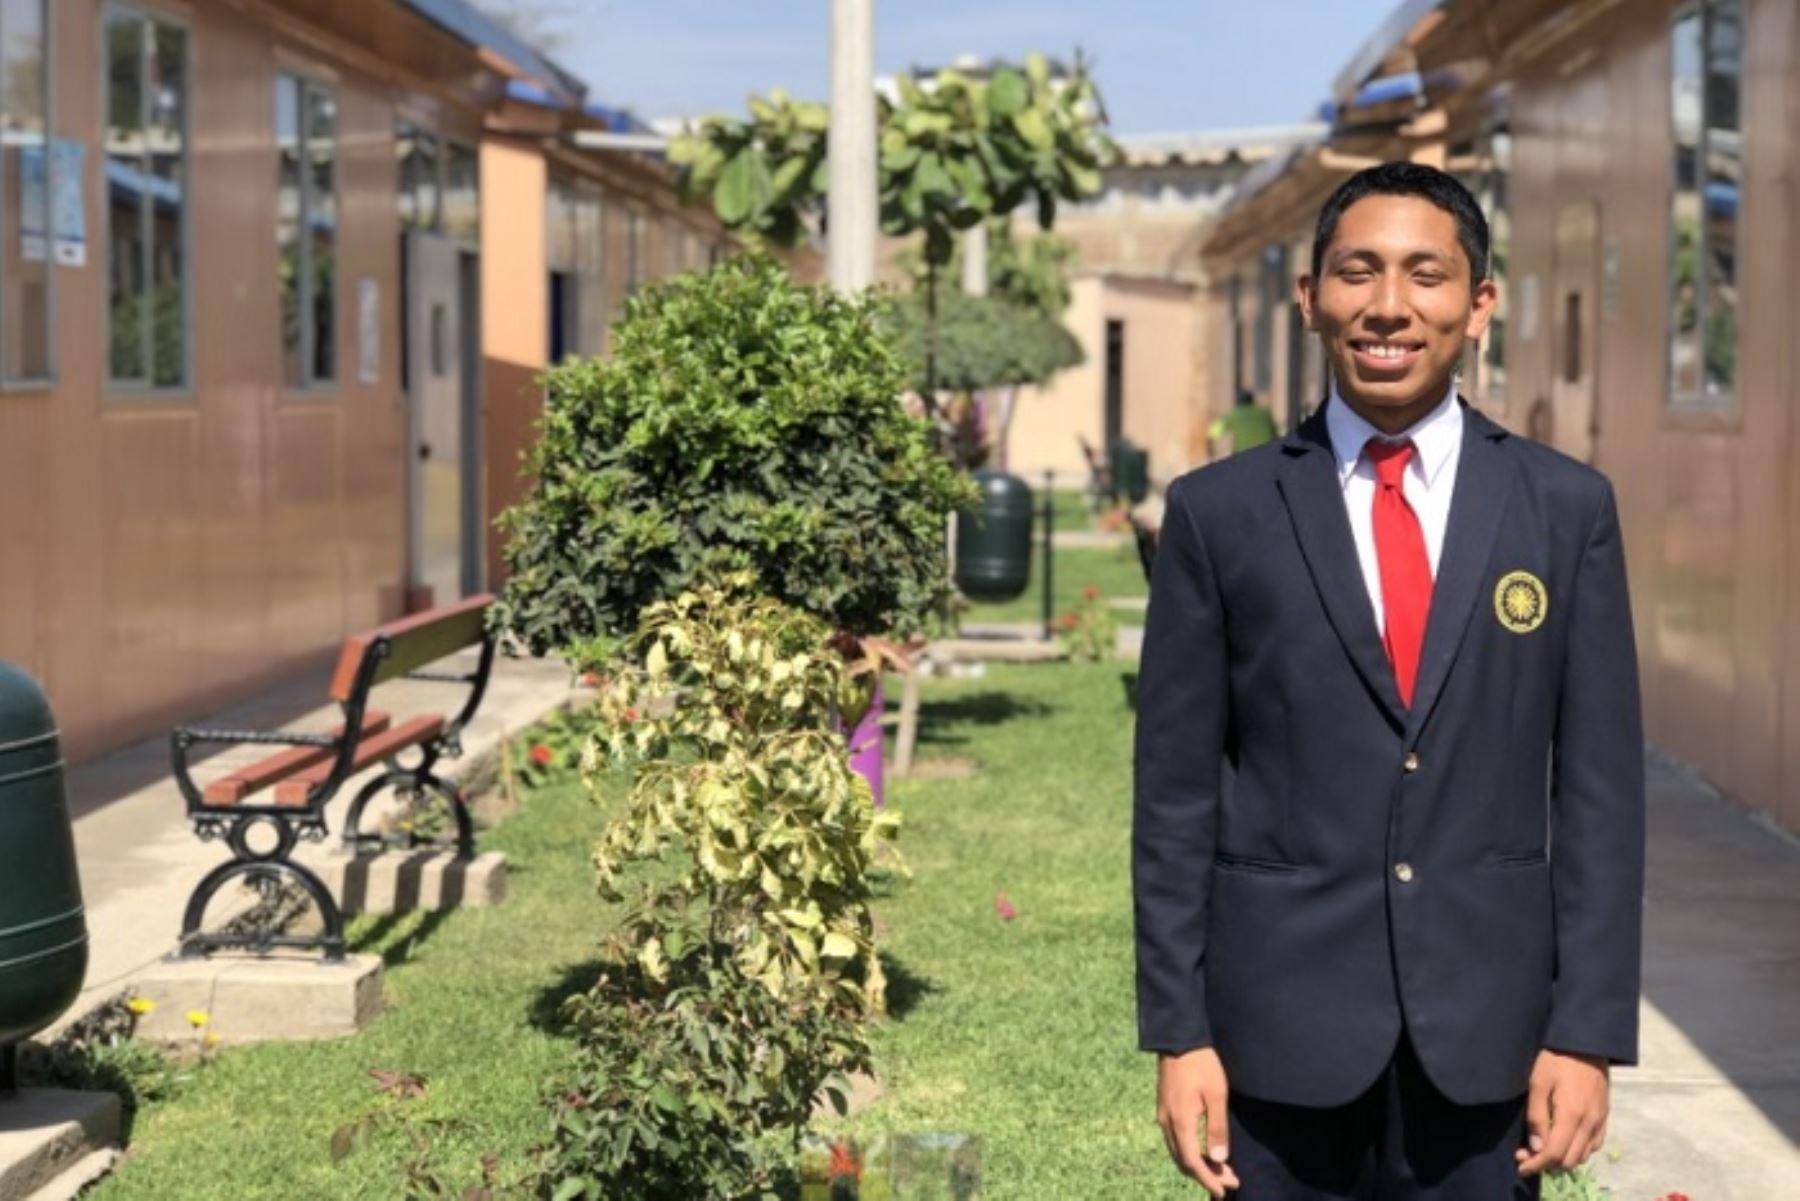 Alumnos de Coar Lambayeque y Ayacucho ganan becas de Universidad de Piura - Agencia Andina